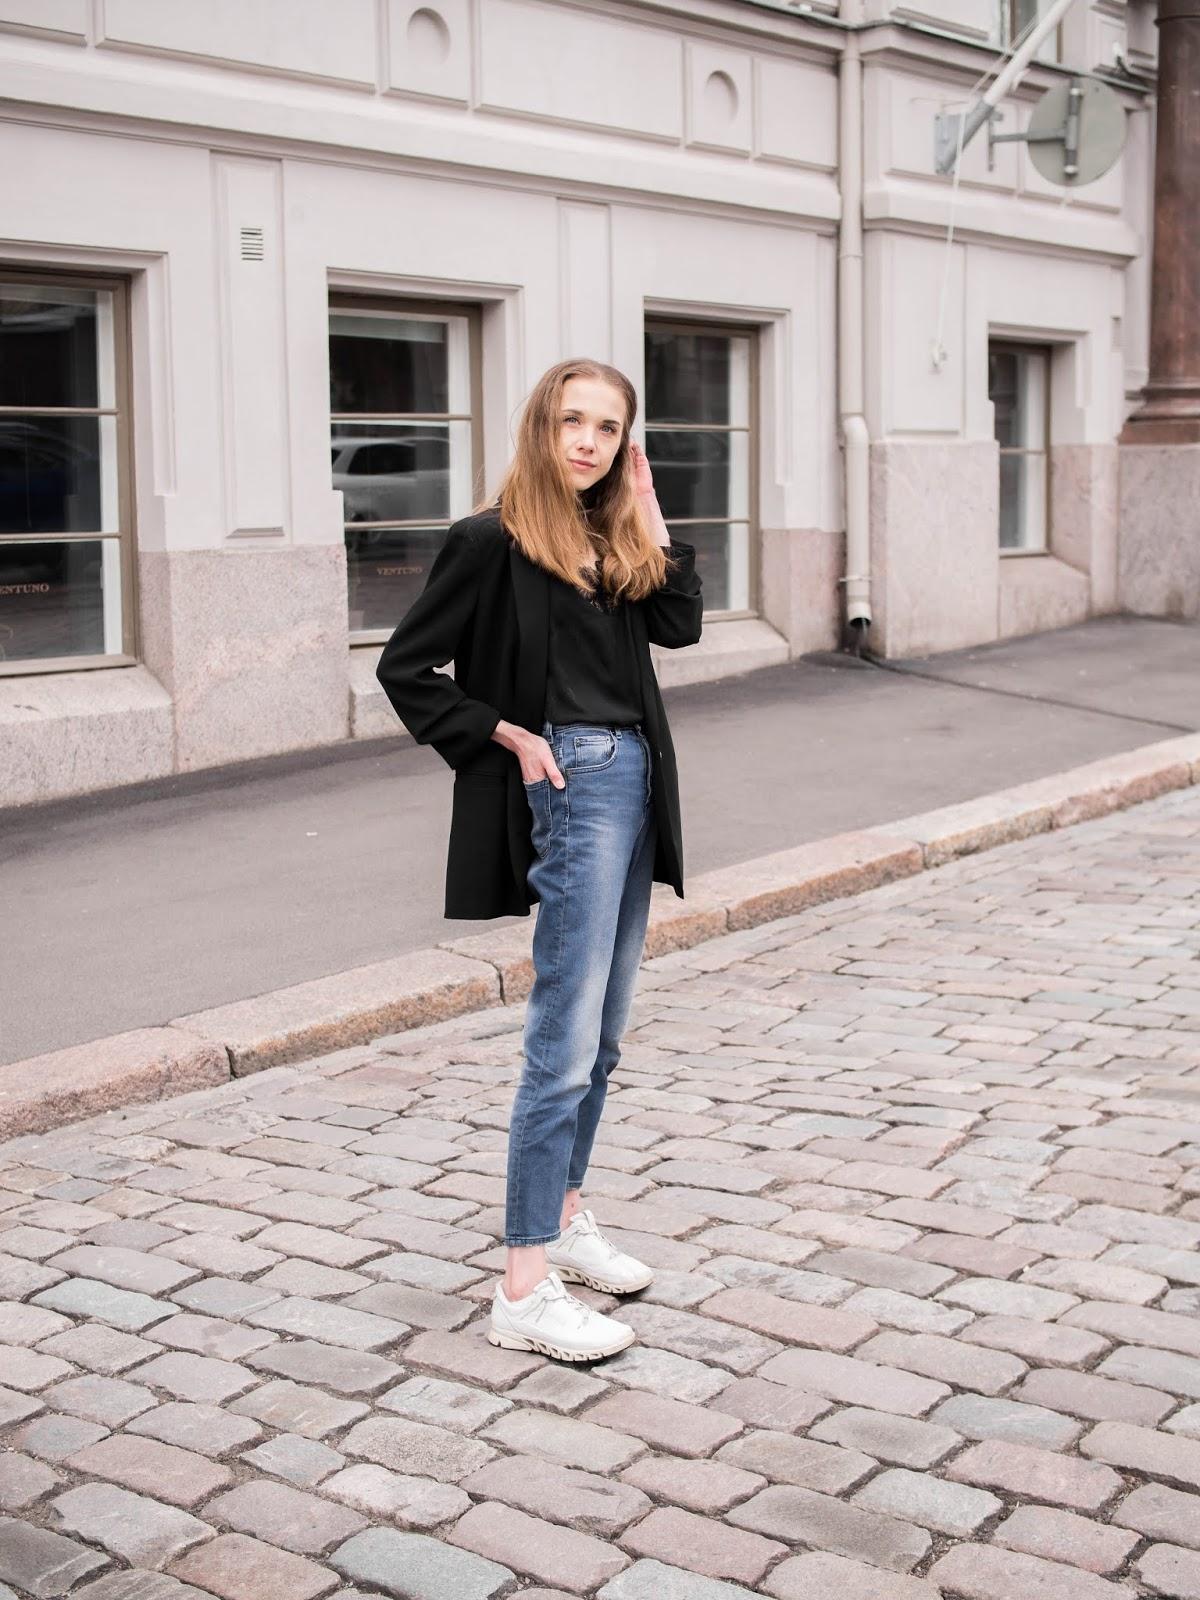 Scandinavian fashion blogger outfit inspiration - Skandinaavinen tyyli-inspiraatio, bloggaaja, muoti